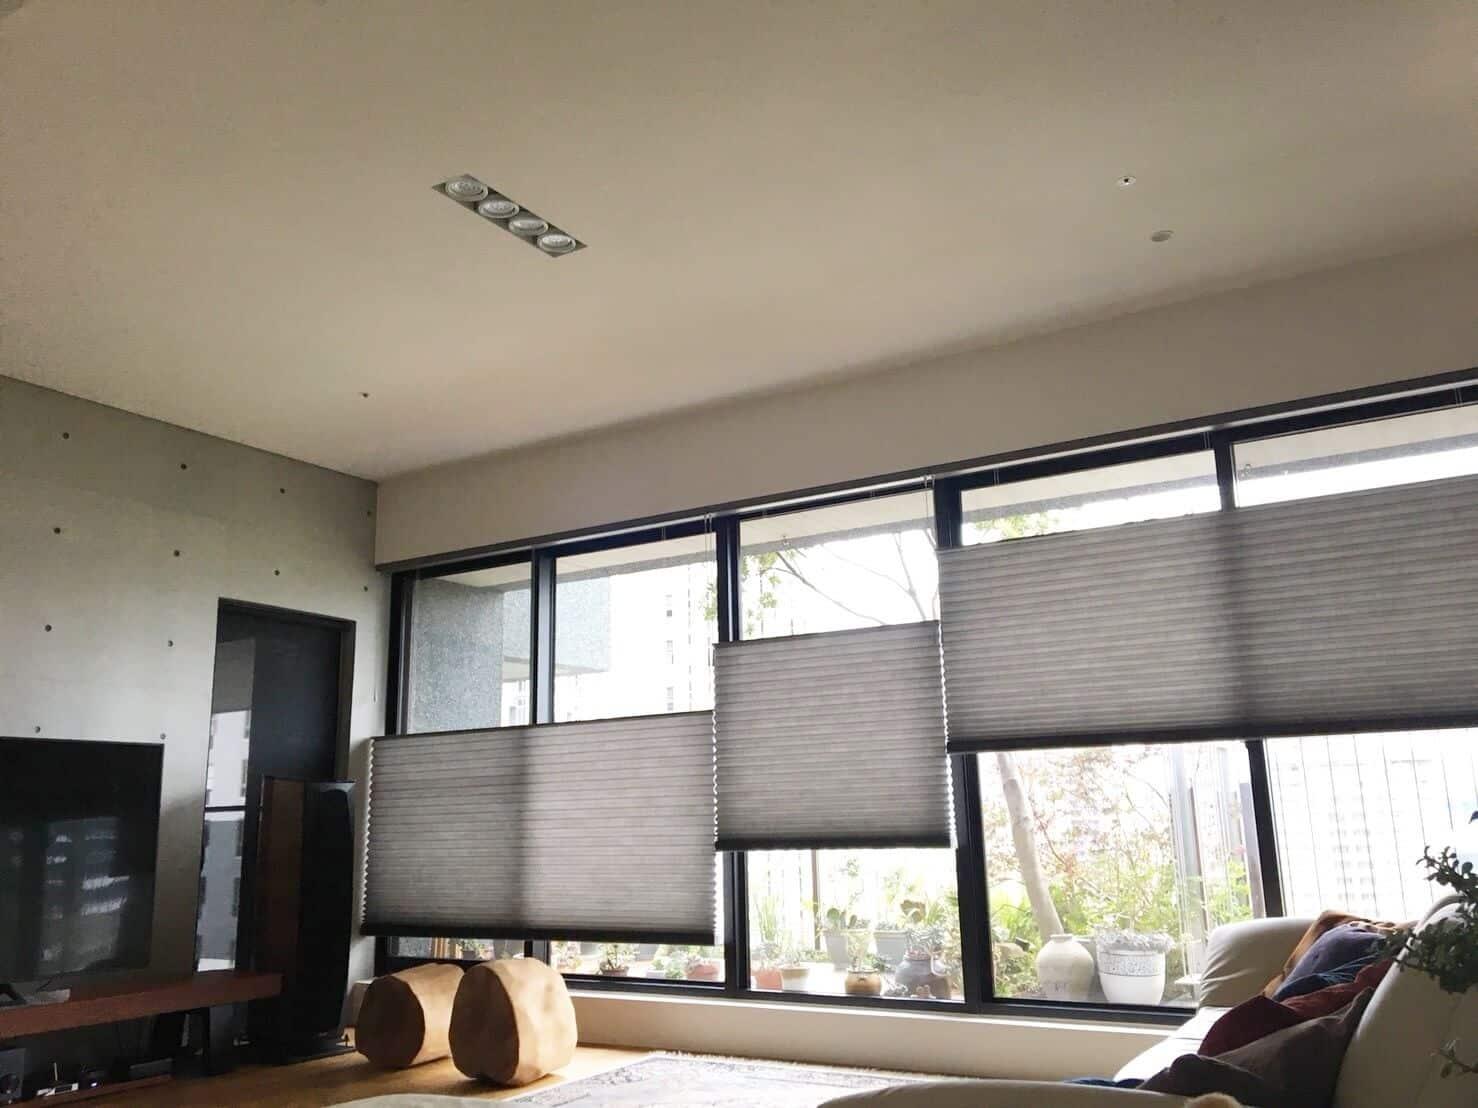 客廳窗簾顏色 推薦淡色系 HunterDouglas 風琴簾